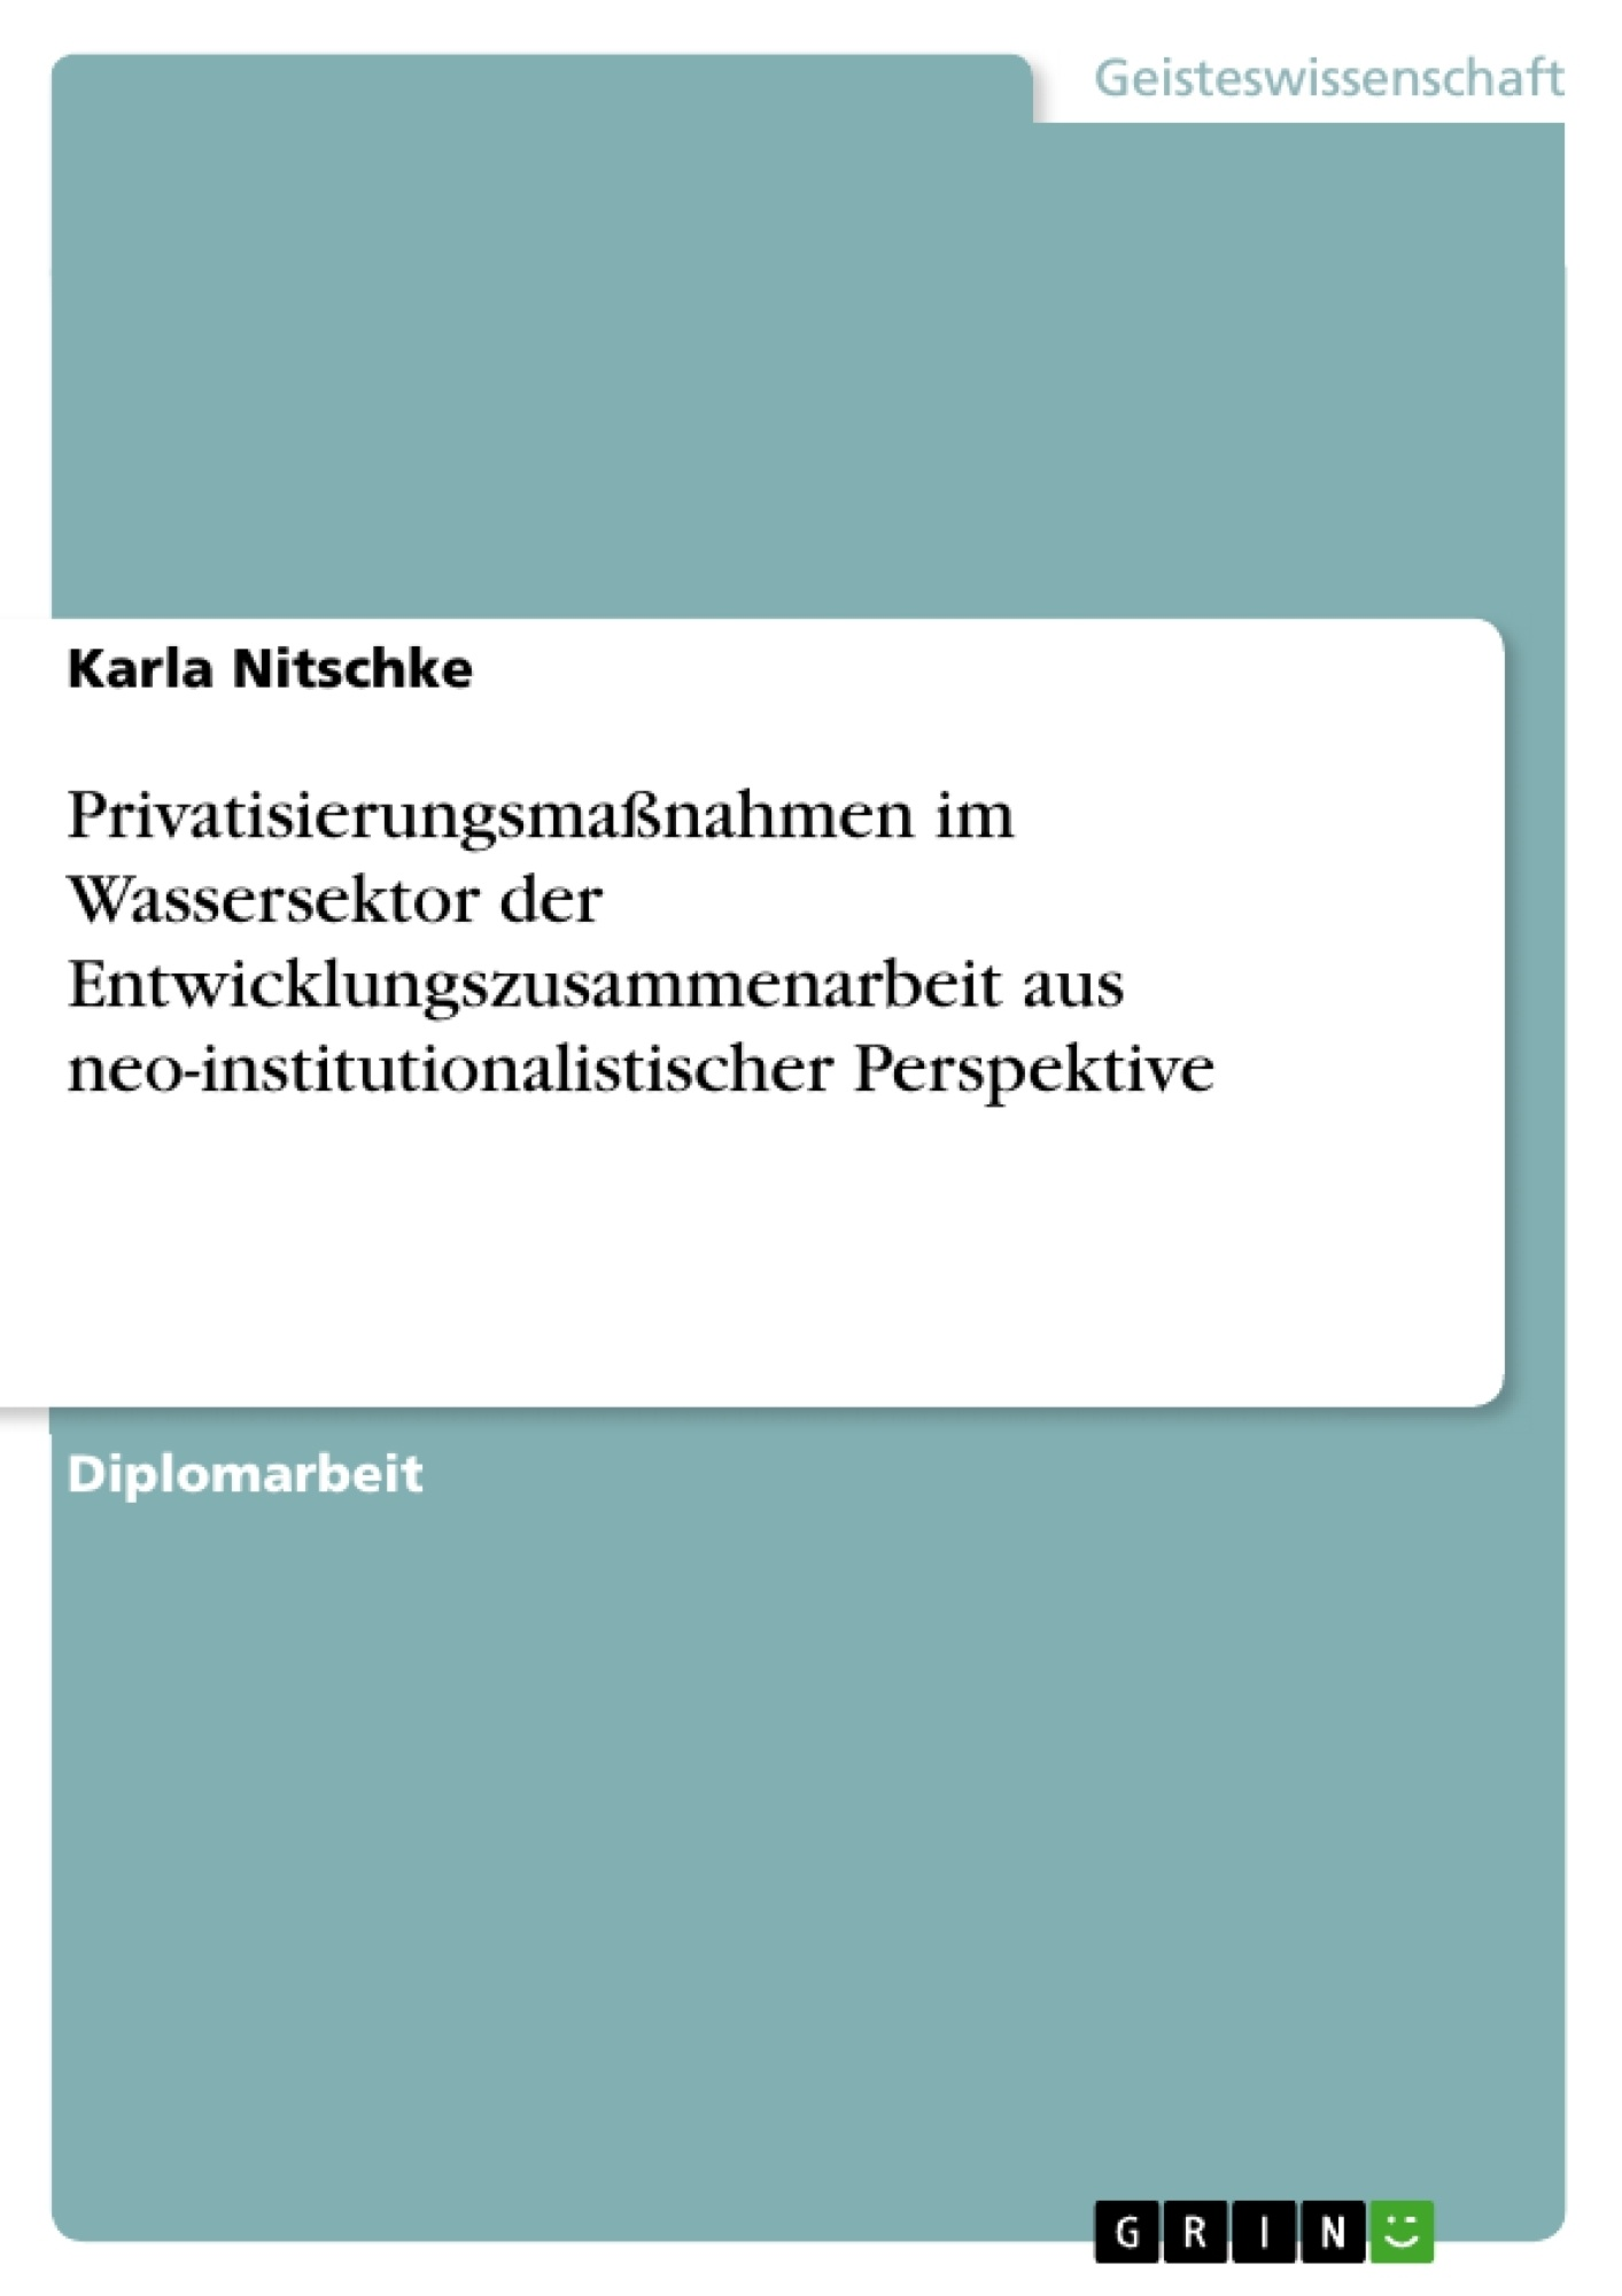 Titel: Privatisierungsmaßnahmen im Wassersektor der Entwicklungszusammenarbeit aus neo-institutionalistischer Perspektive